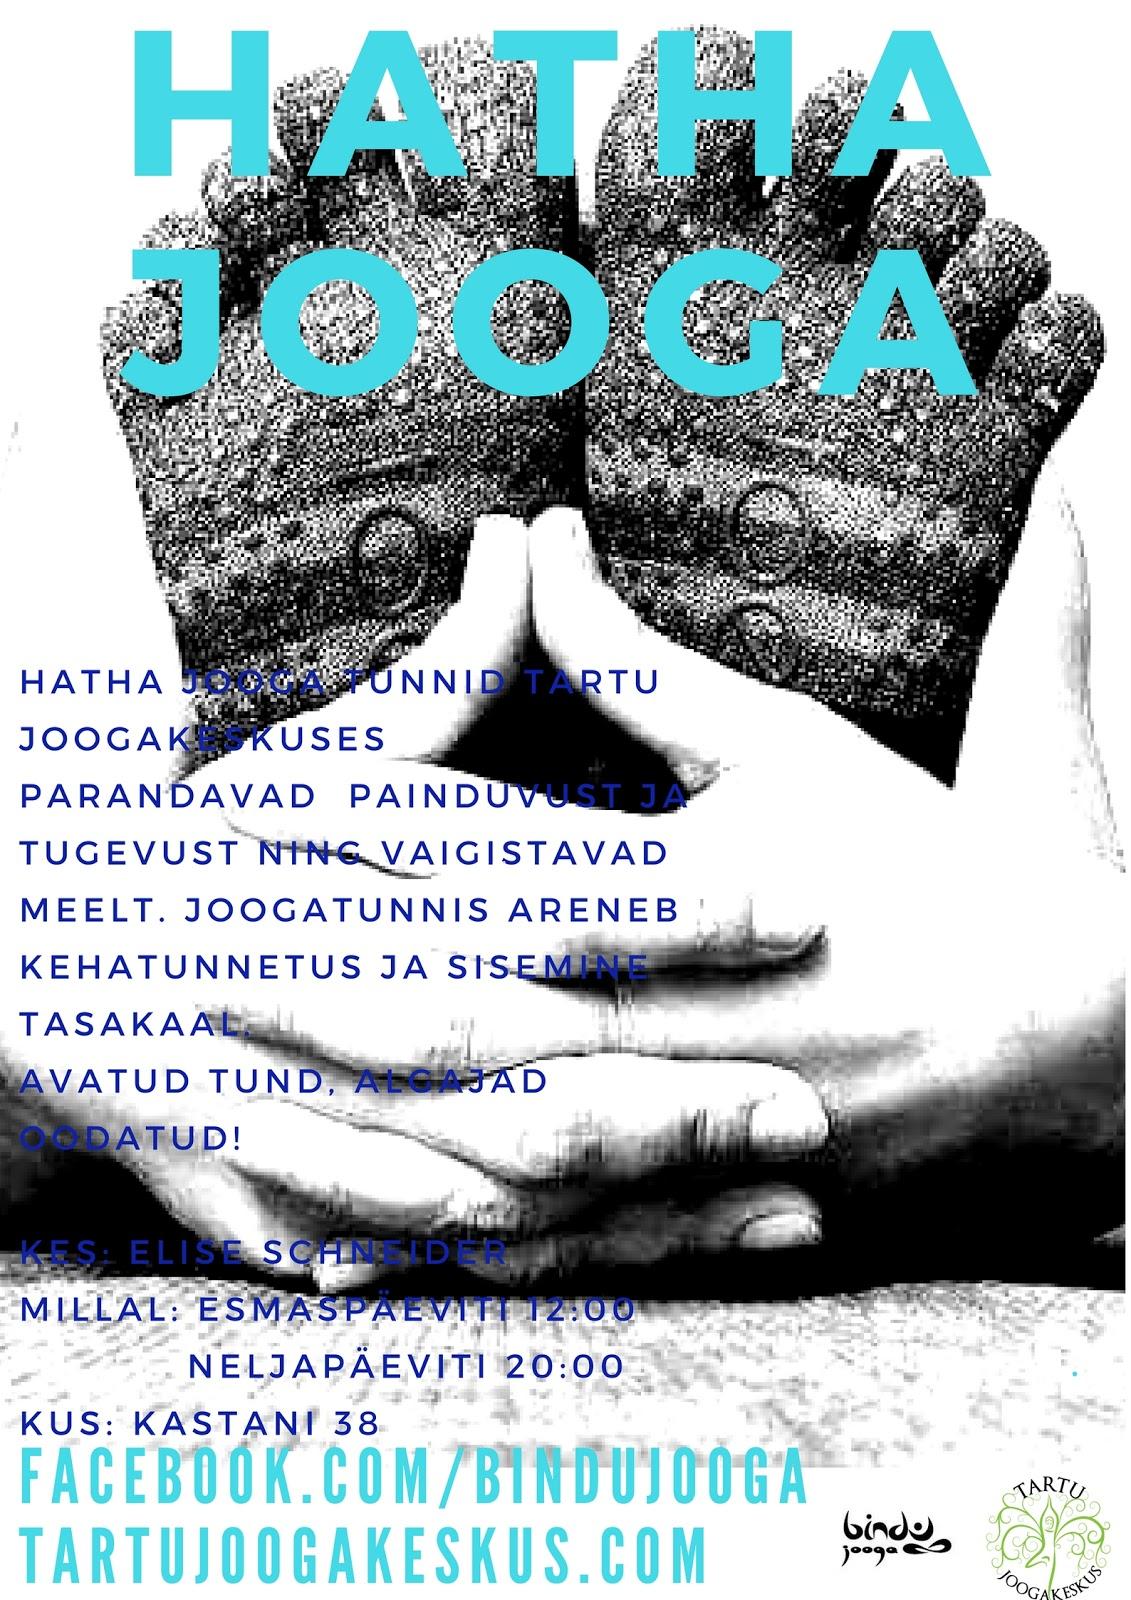 7cc01db0faa Minu Hatha jooga tunnid toimuvad alates oktoobrist Tartu Joogakeskuses,  Kastani 38: